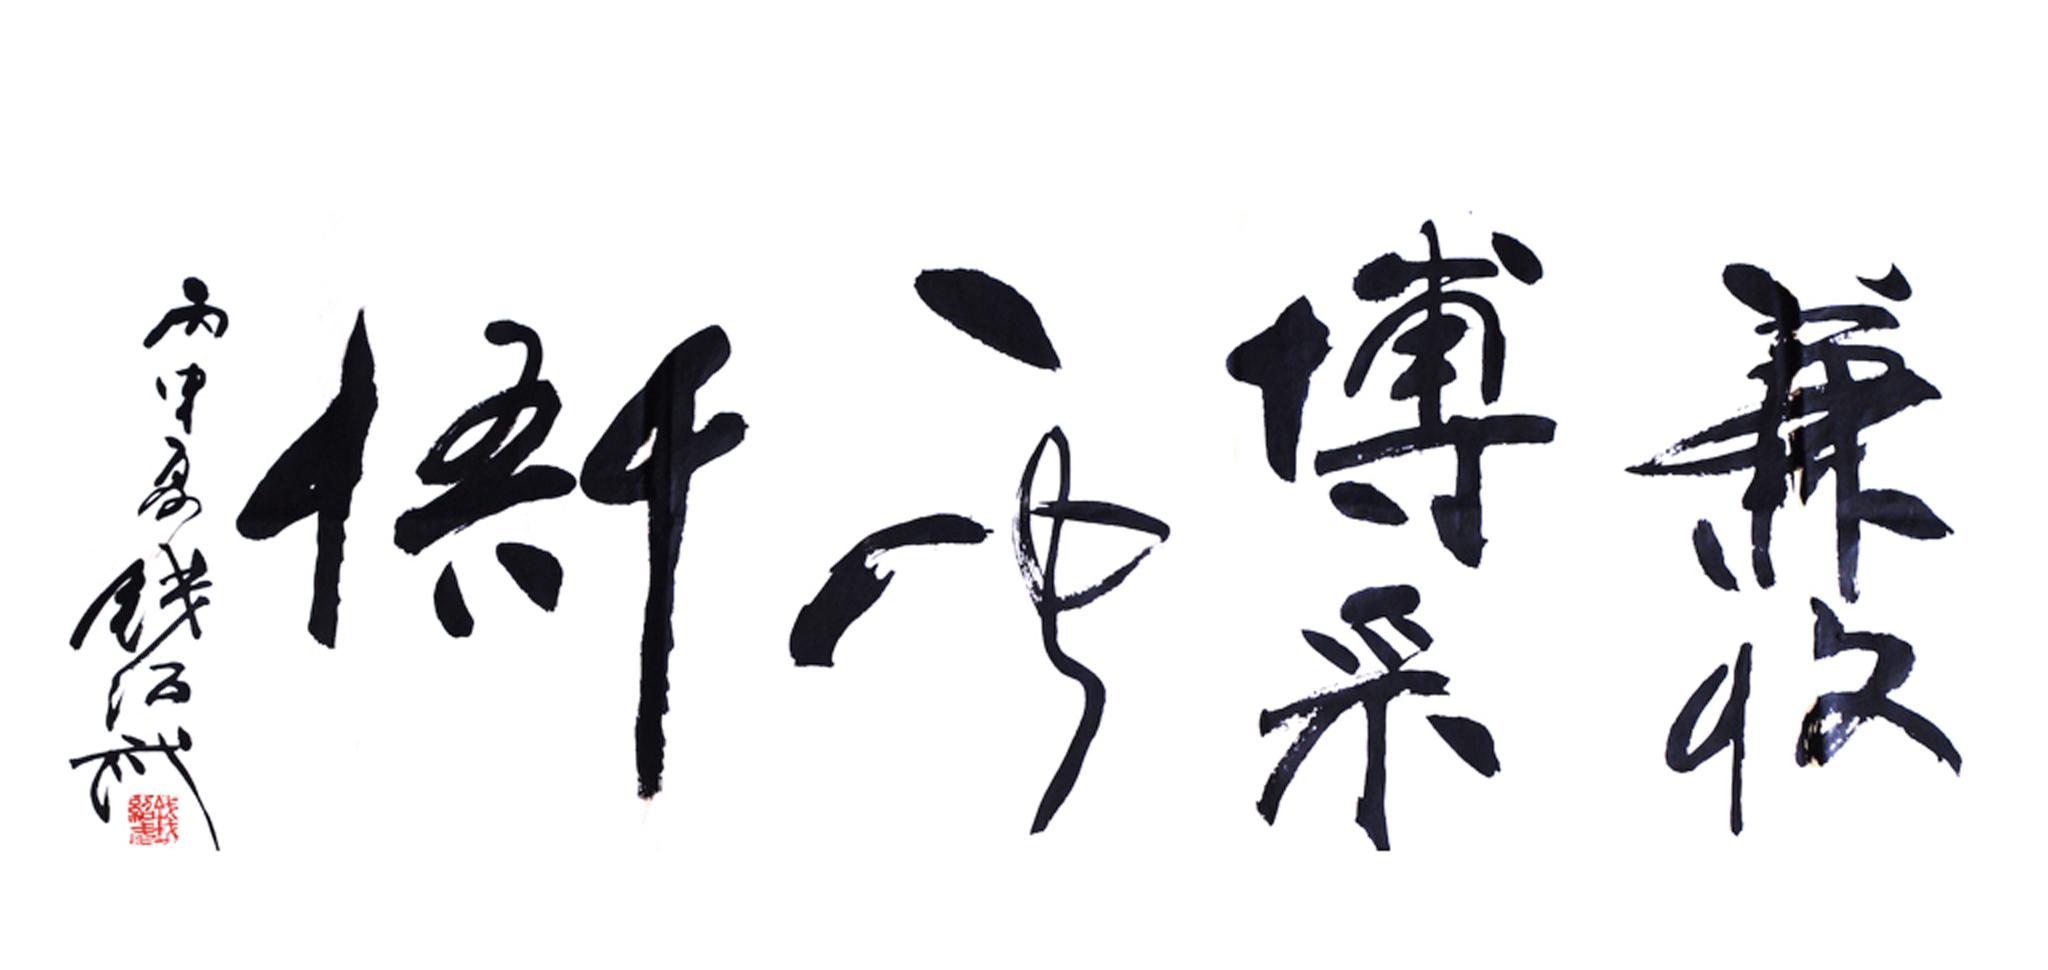 钱绍武大师为北京博仟雕塑公司的题字